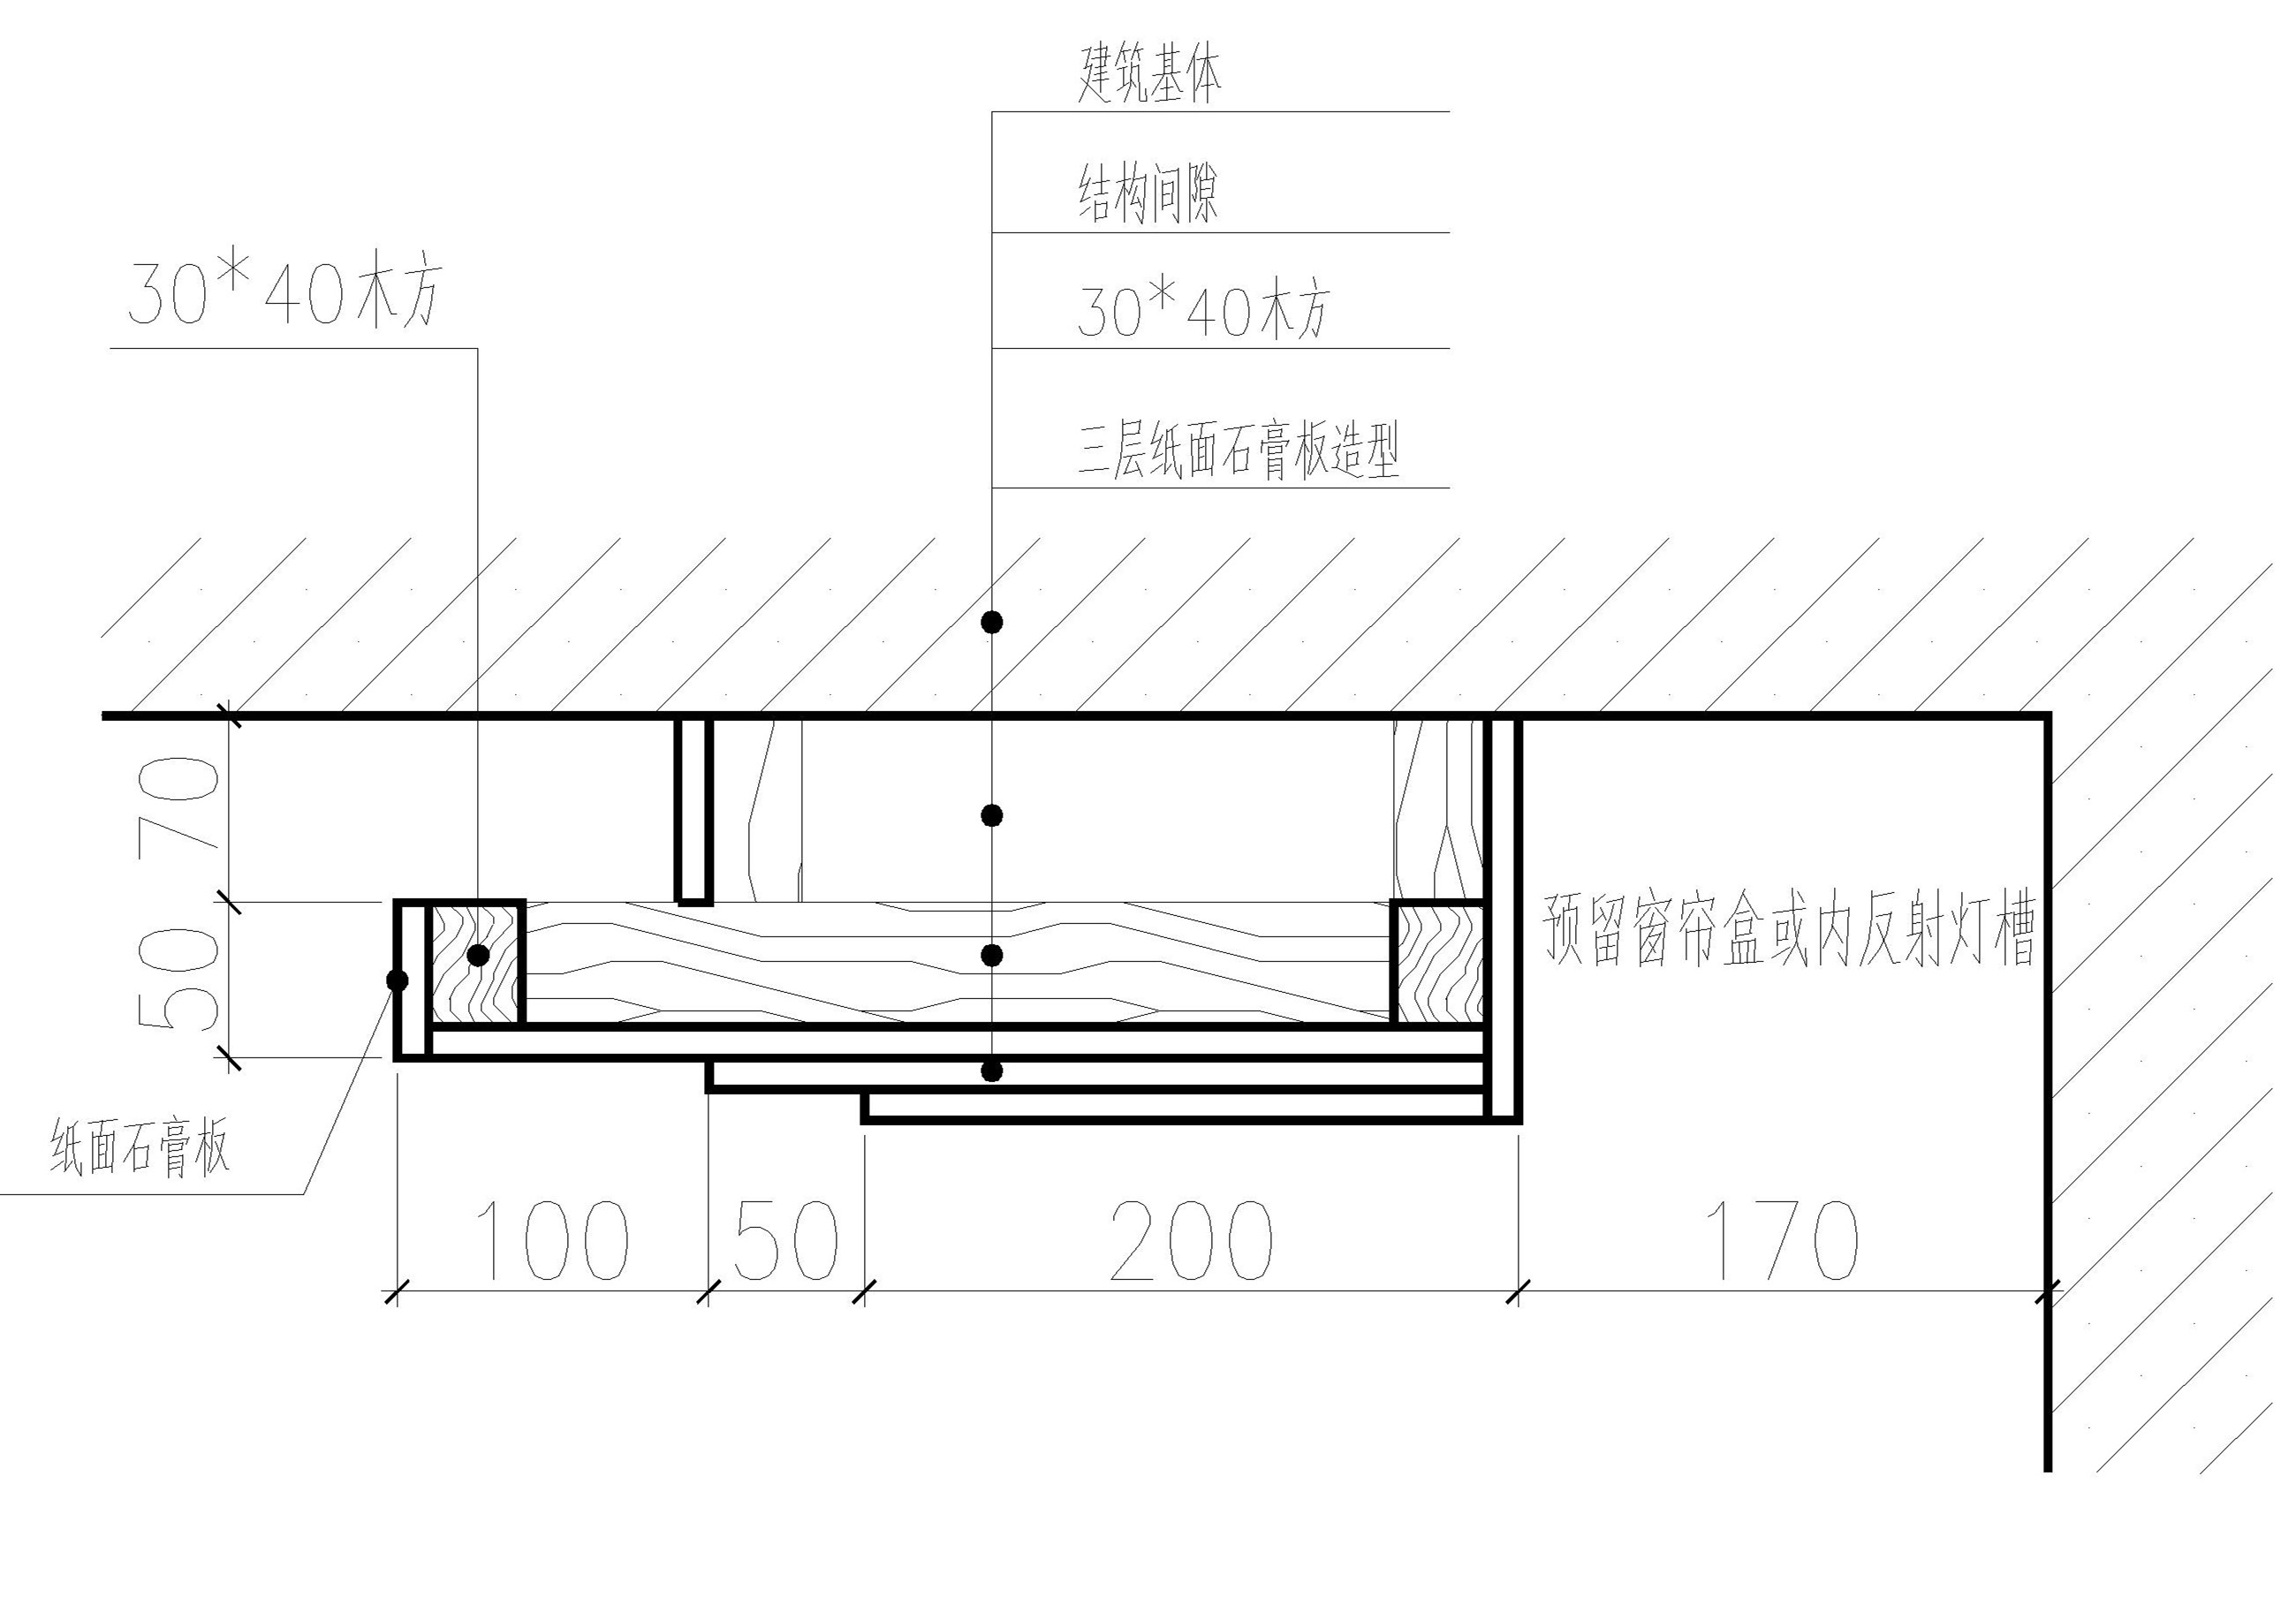 求客厅吊顶安装结构图解(龙骨铺设)求大神指导